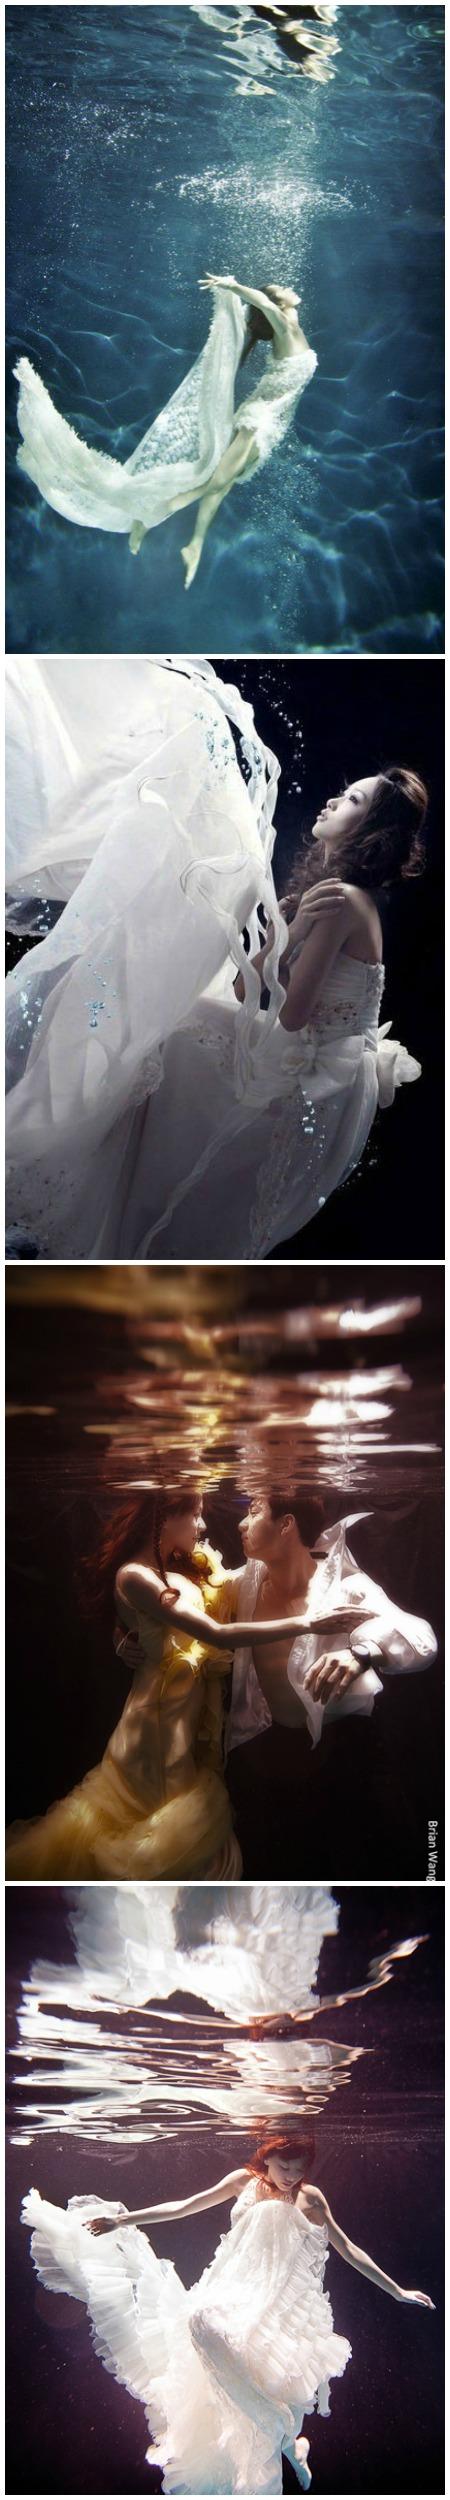 婚紗拍攝系列風格-屬於你我的浪漫「水」世界